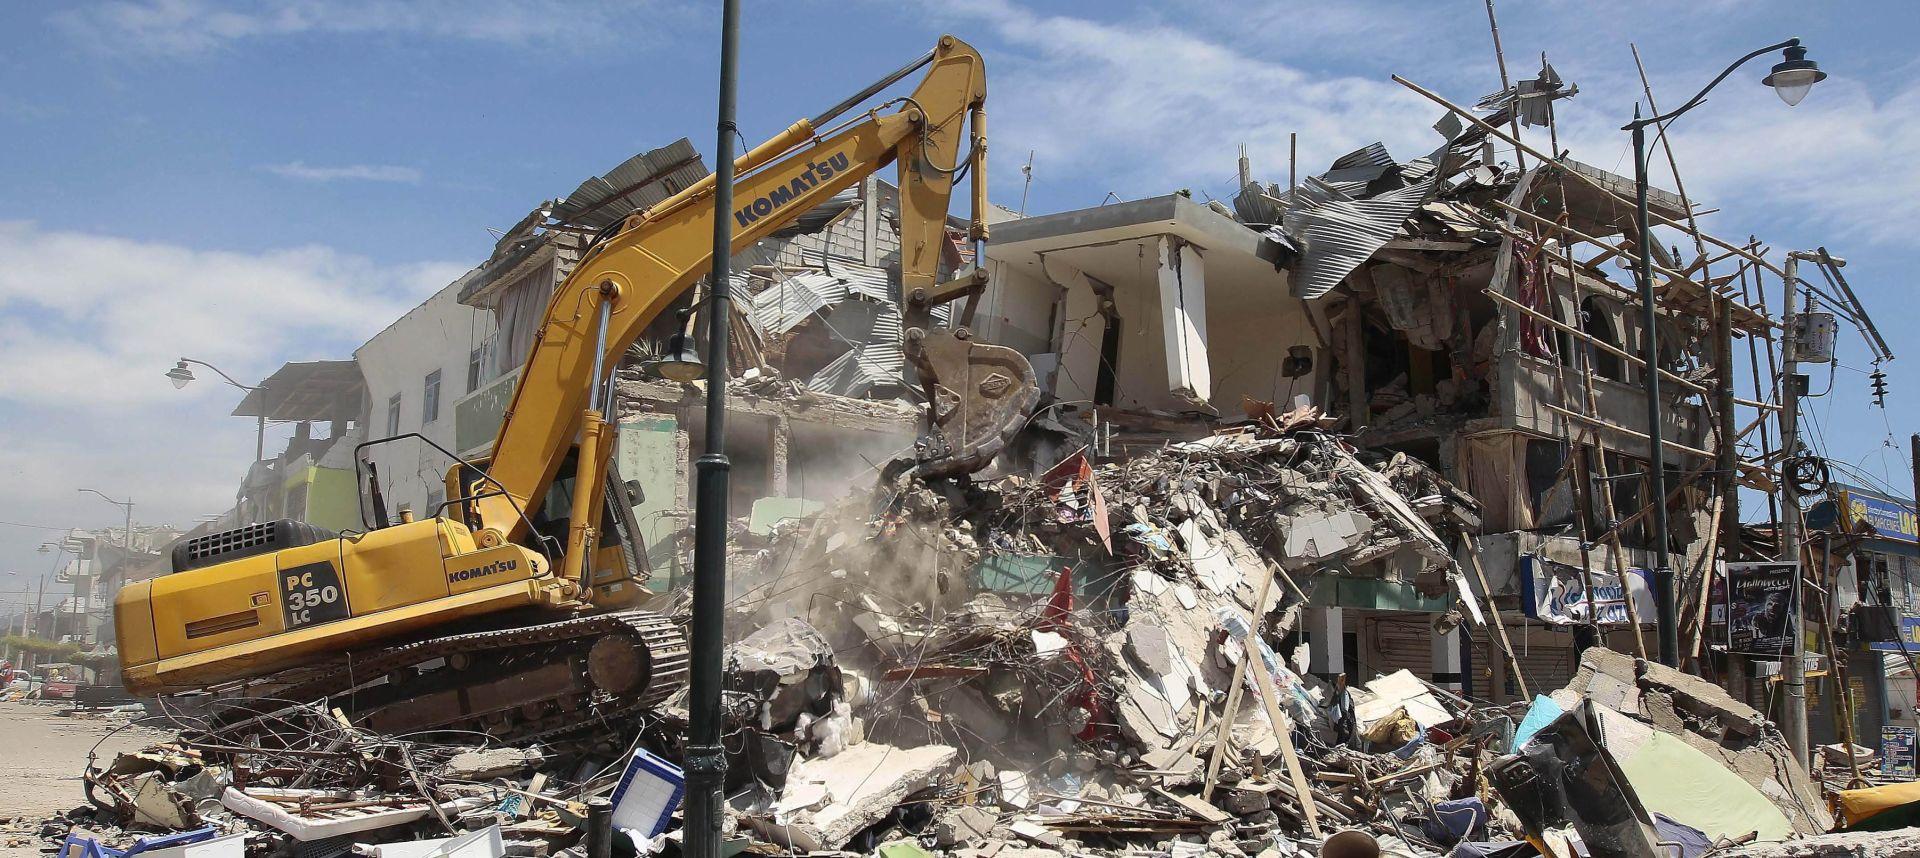 UŽAS U EKVADORU: Spasioci tragaju za preživjelima, najmanje 272 mrtvih u potresu